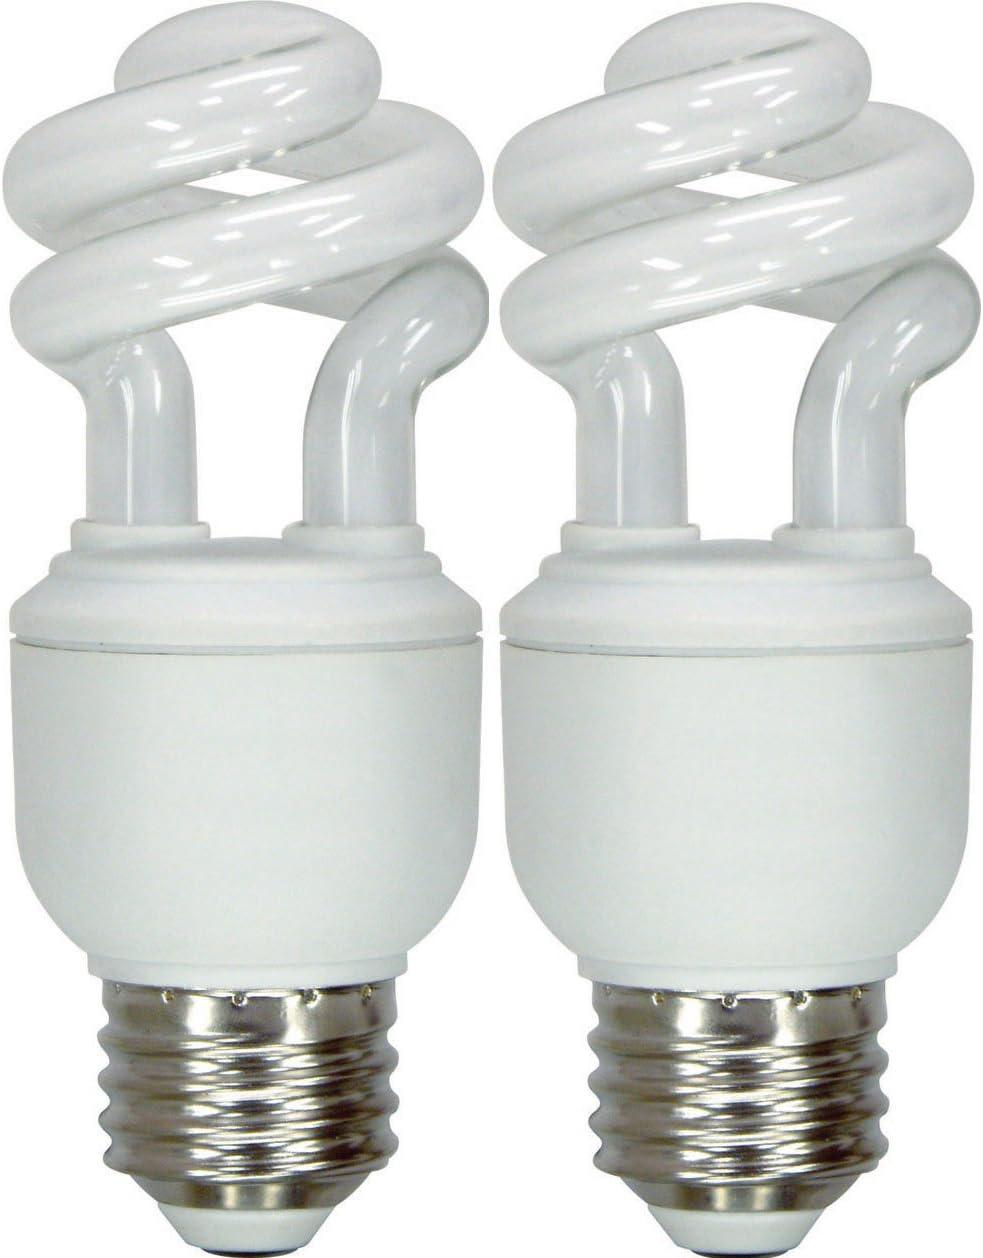 GE Lighting 74197 Energy Smart Spiral CFL 10-Watt (40-watt replacement) 520-Lumen T3 Spiral Light Bulb with Medium Base, 2-Pack